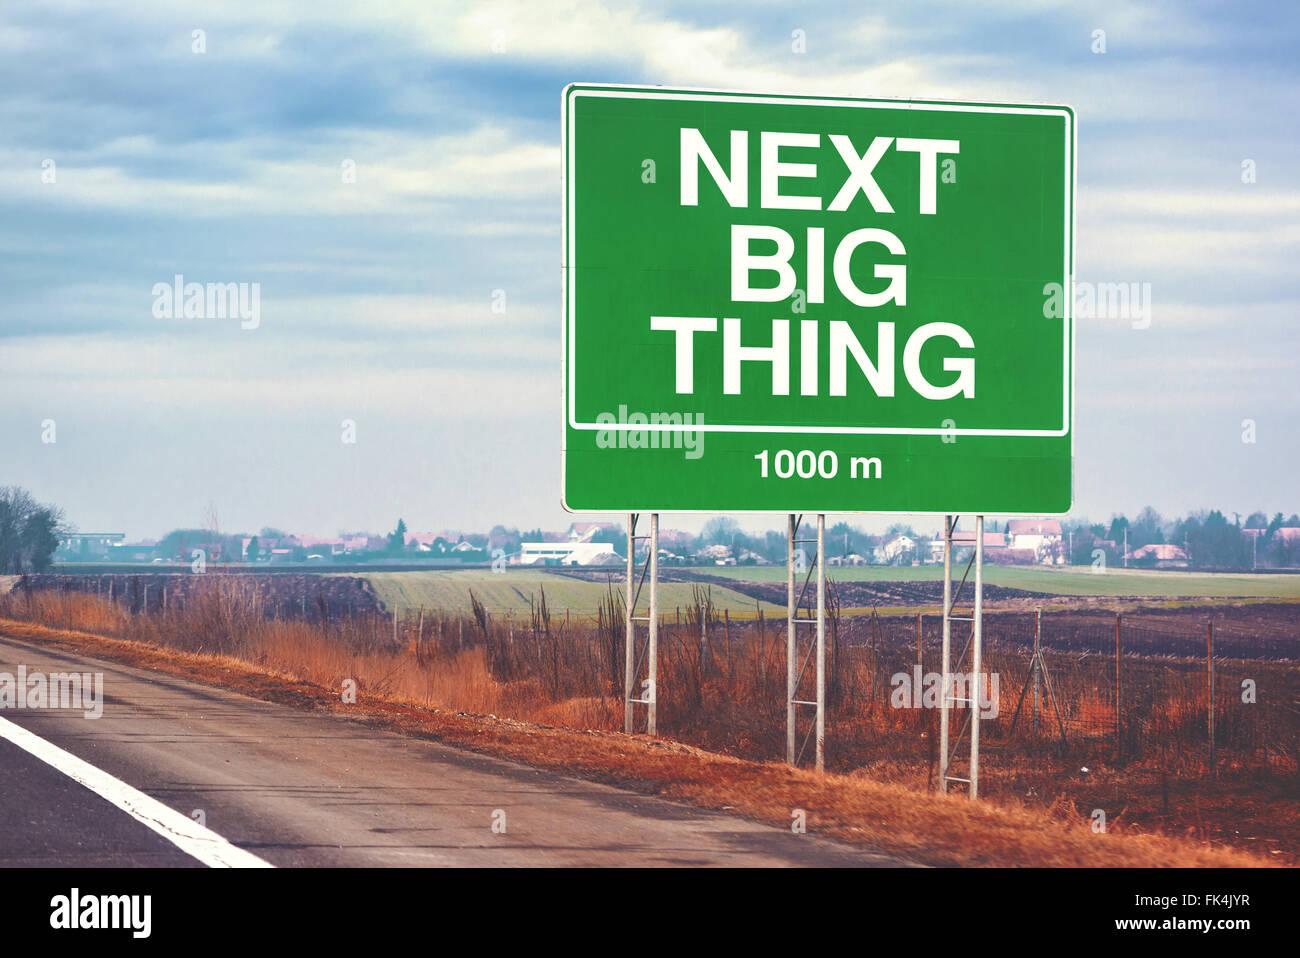 Nächste große Ding vor motivierende Konzeptbild mit Schild an der Autobahn, getönten Retro Bild mit Stockbild